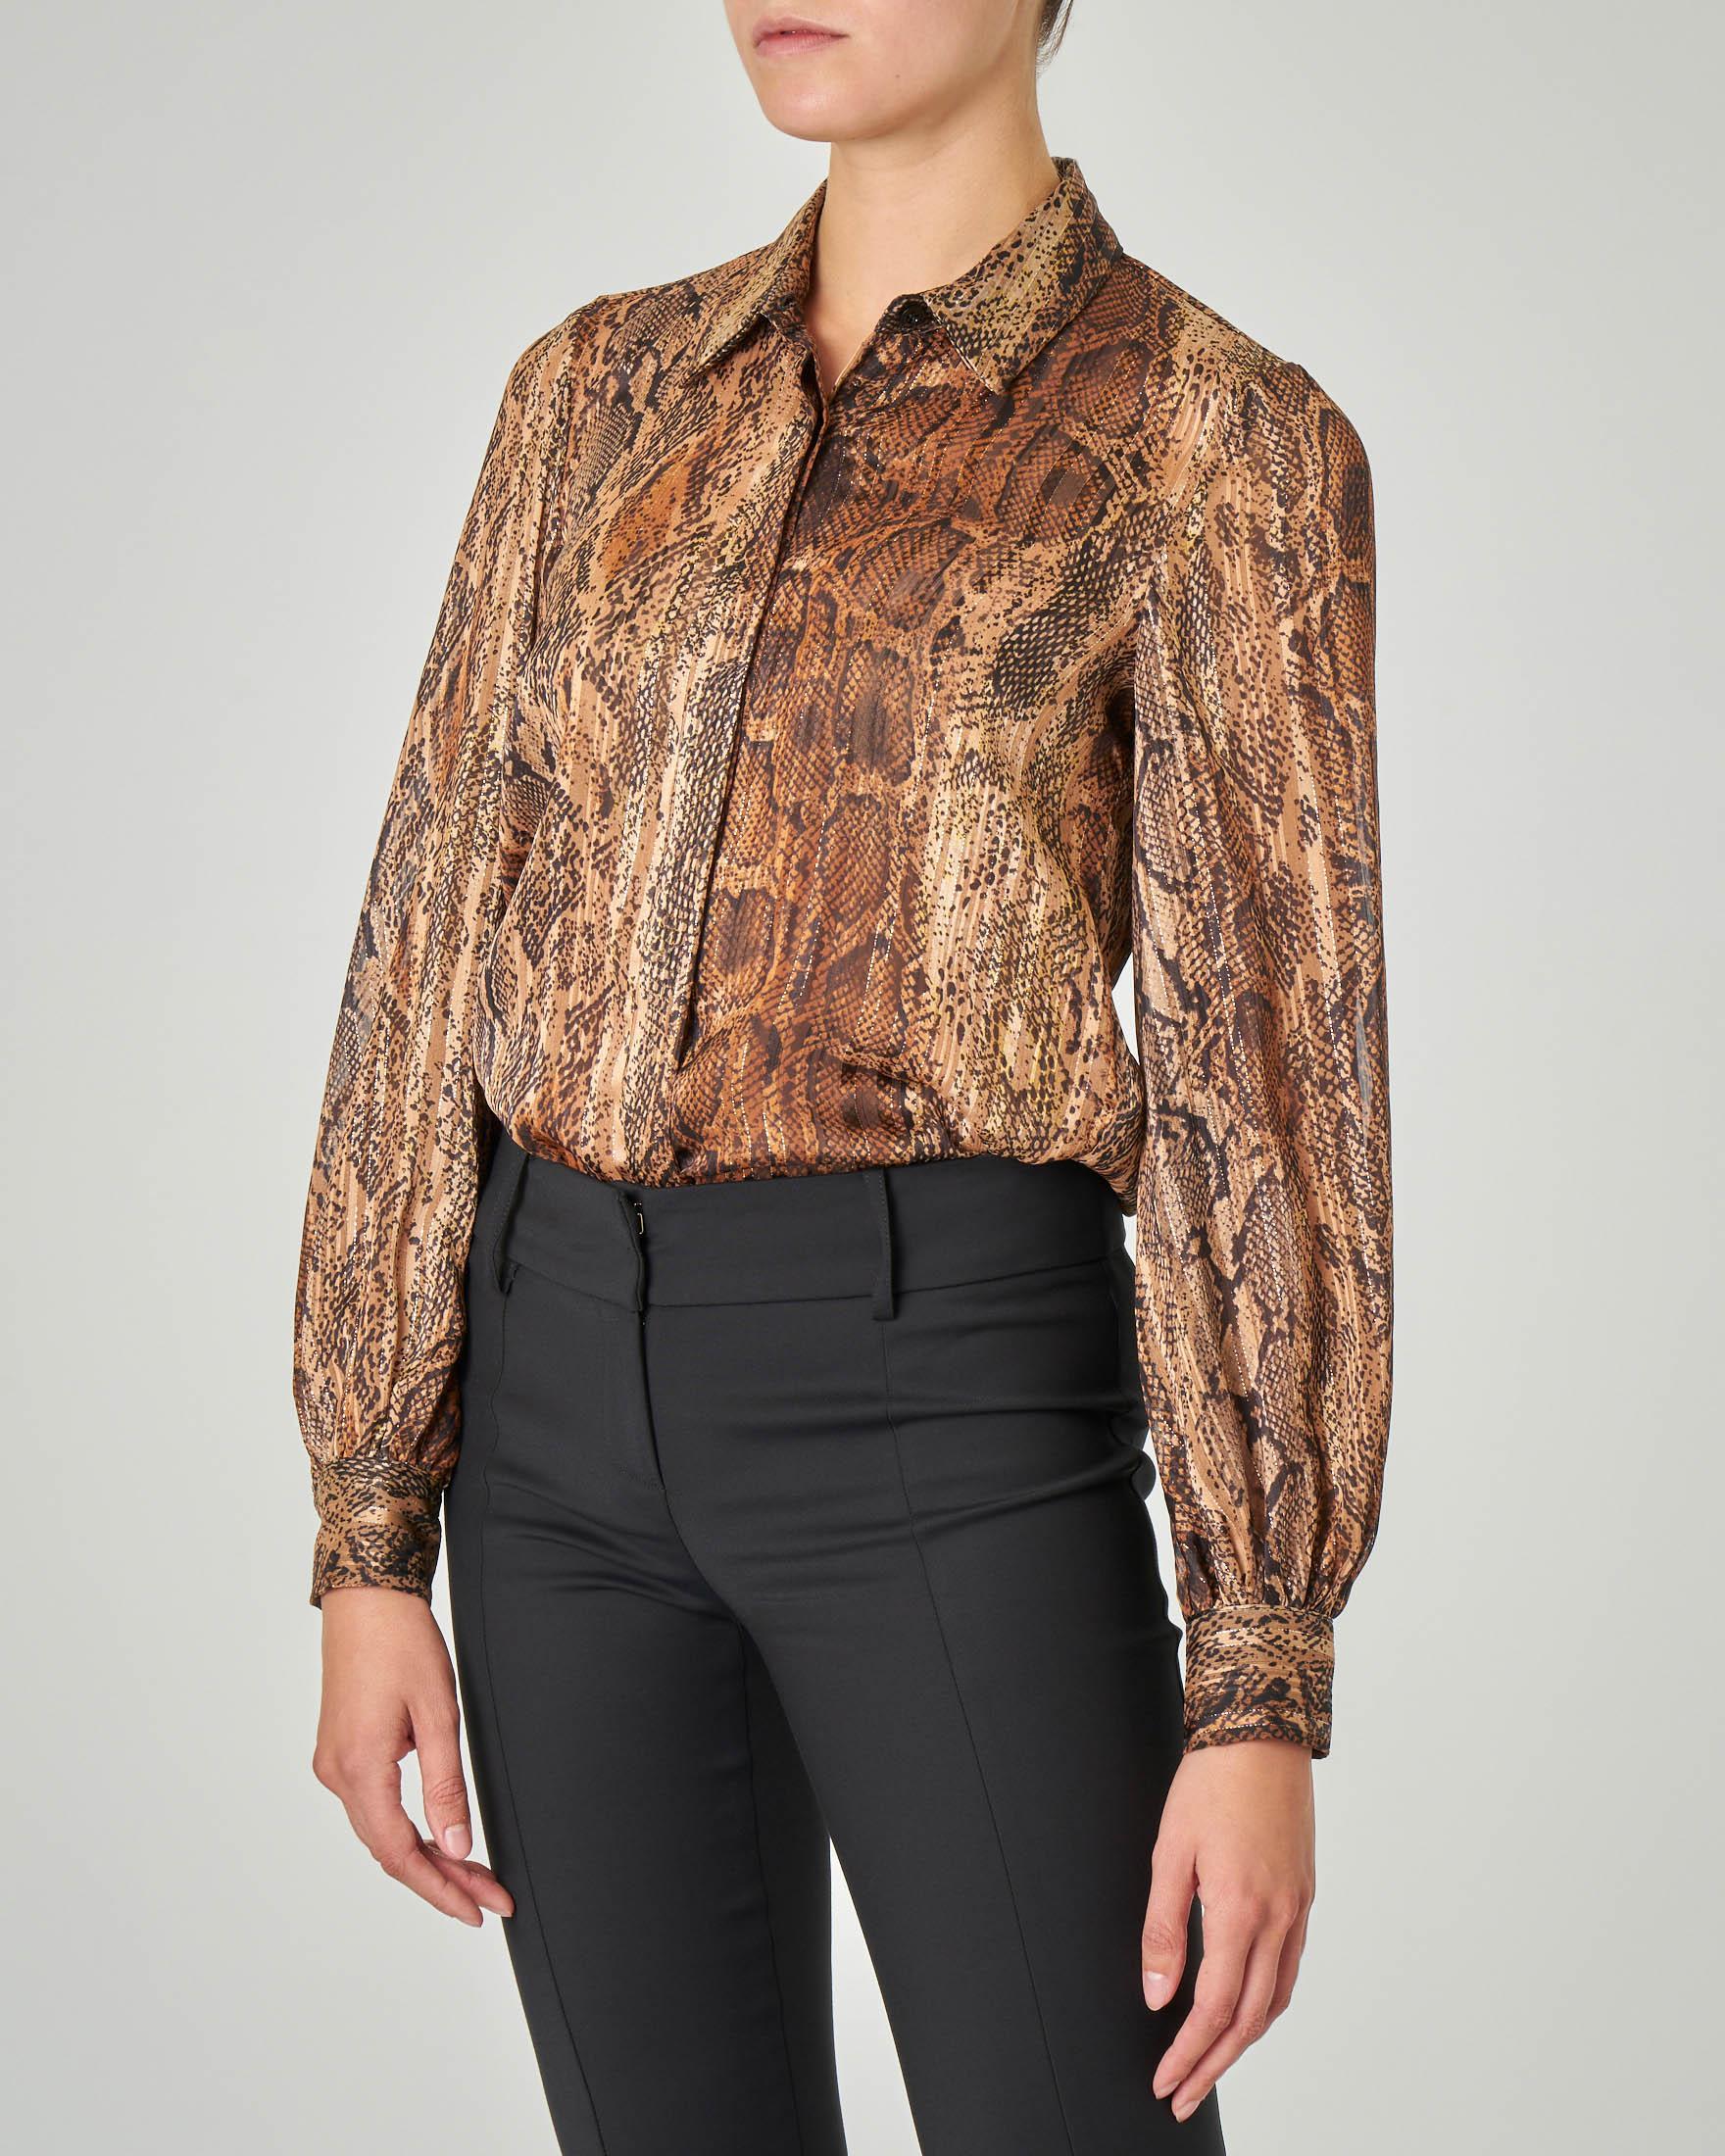 Camicia in georgette a stampa pitonata cammello con maniche a sbuffo